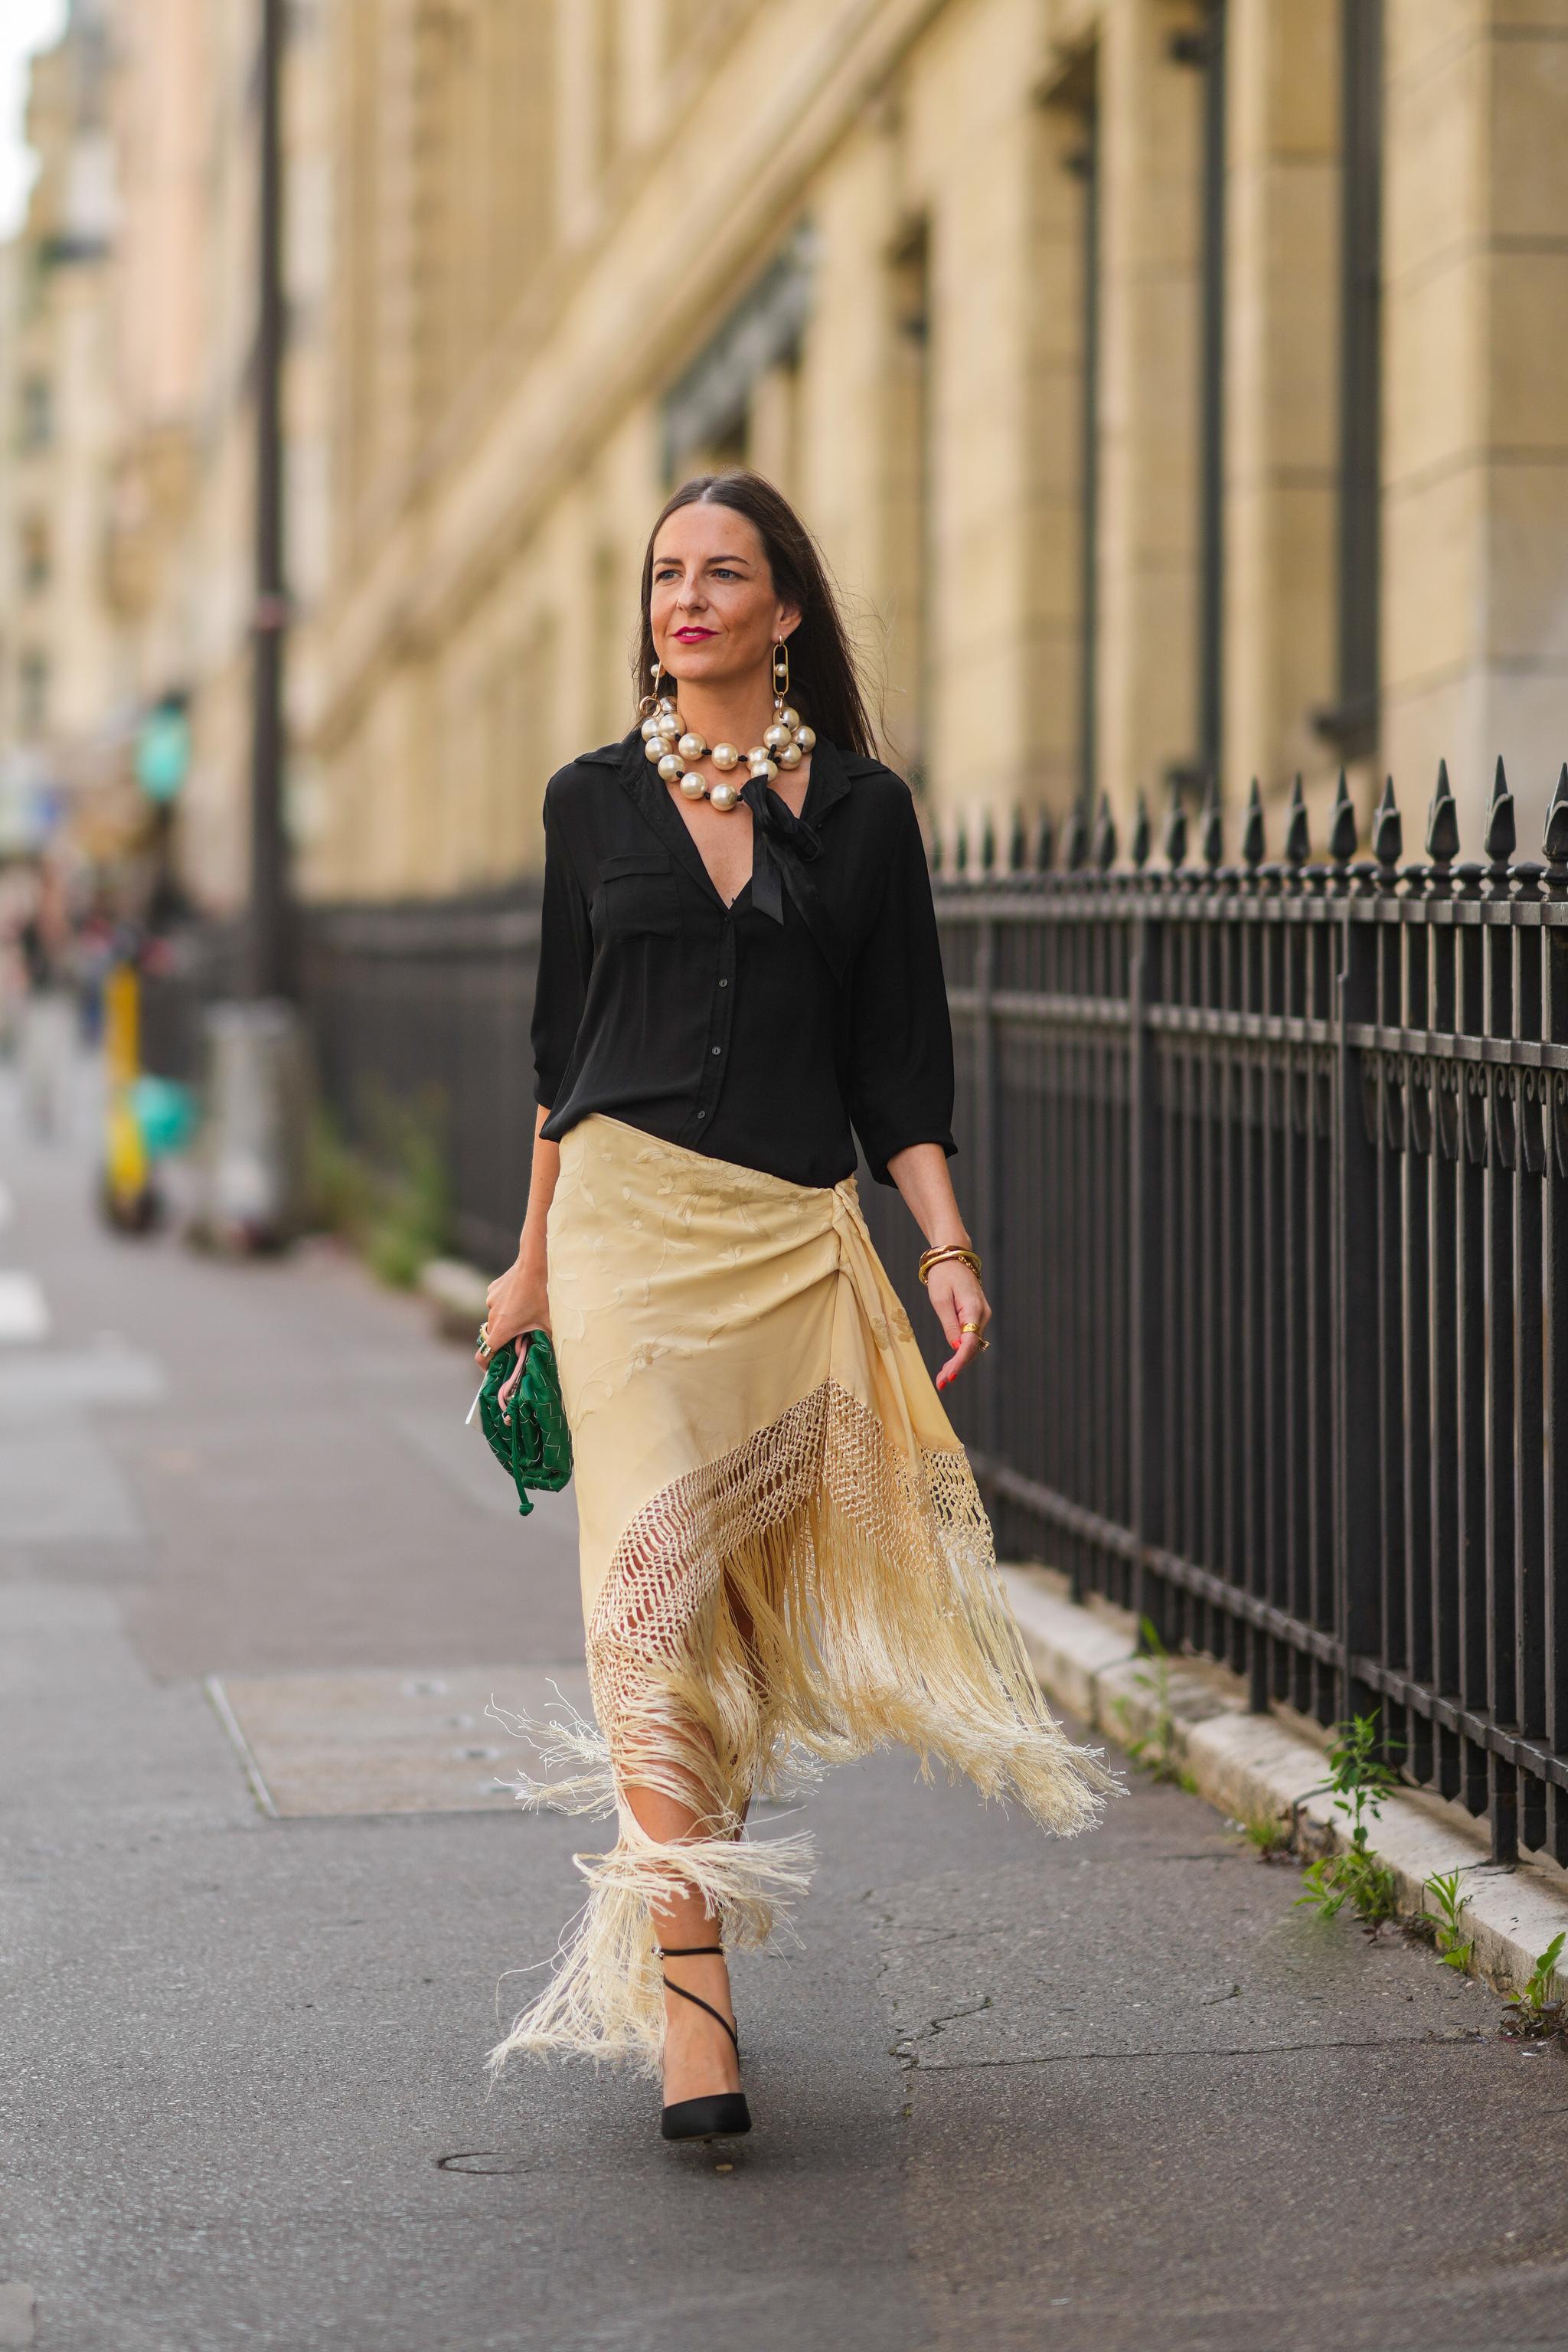 La falda pareo vista en el street style.